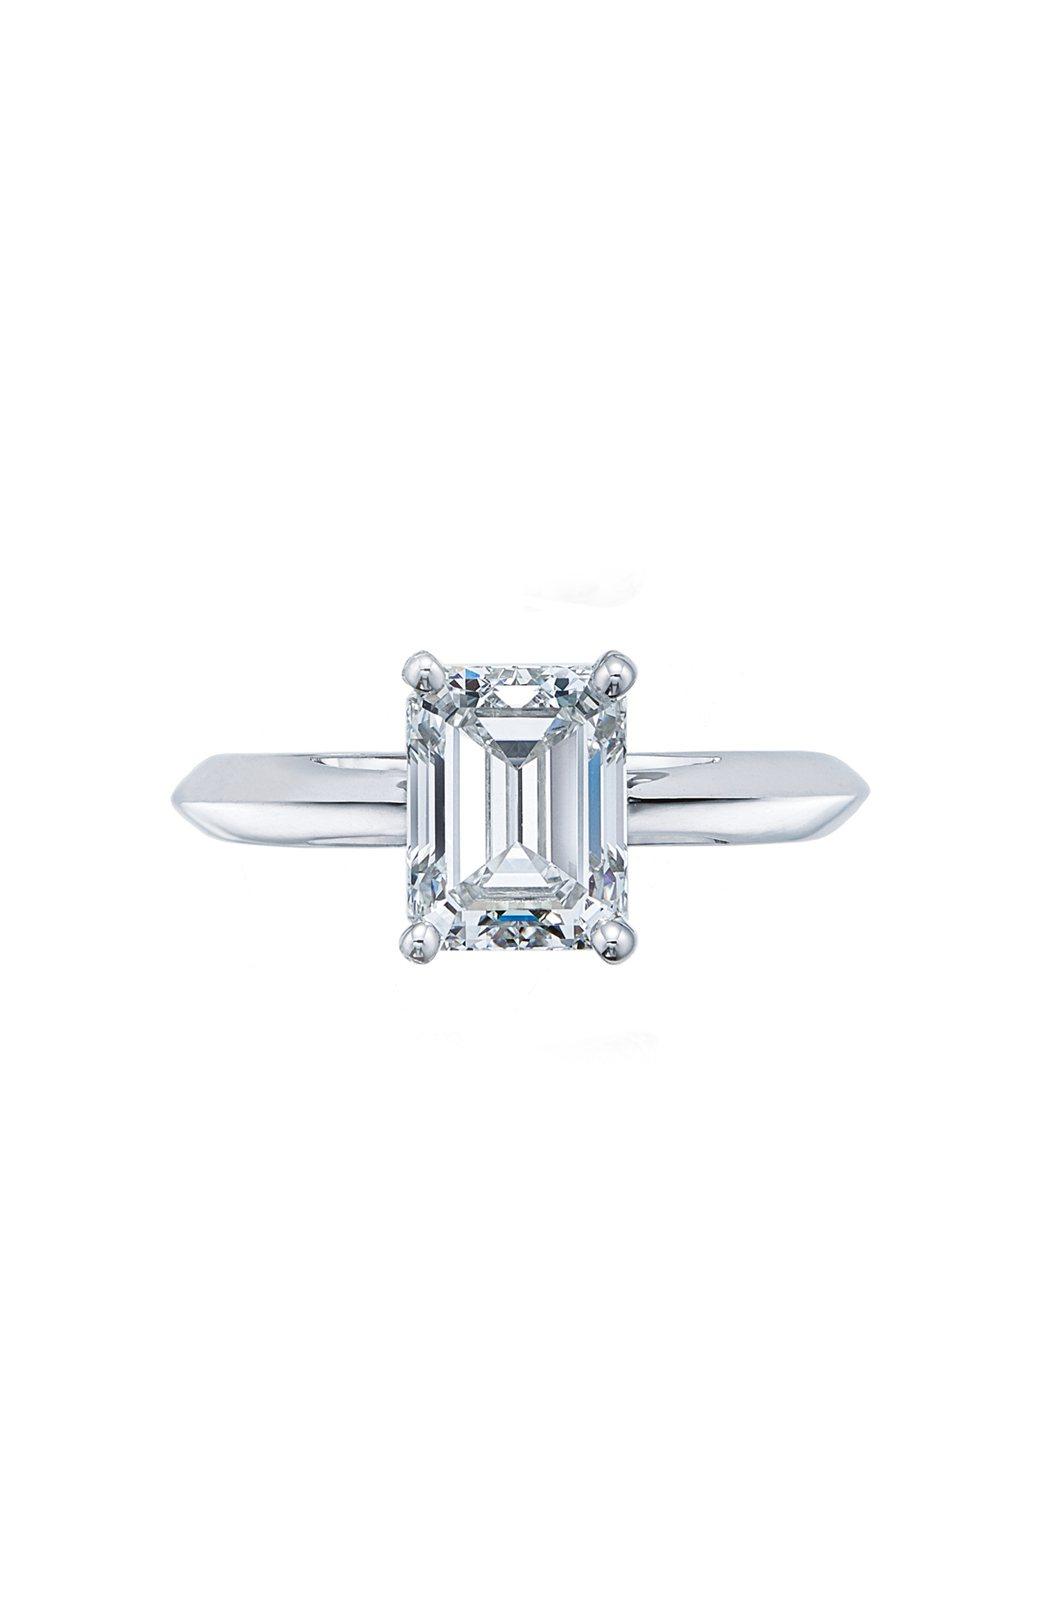 Tiffany鉑金鑲嵌祖母綠式切割鑽石戒指,價格店洽。圖/Tiffany提供